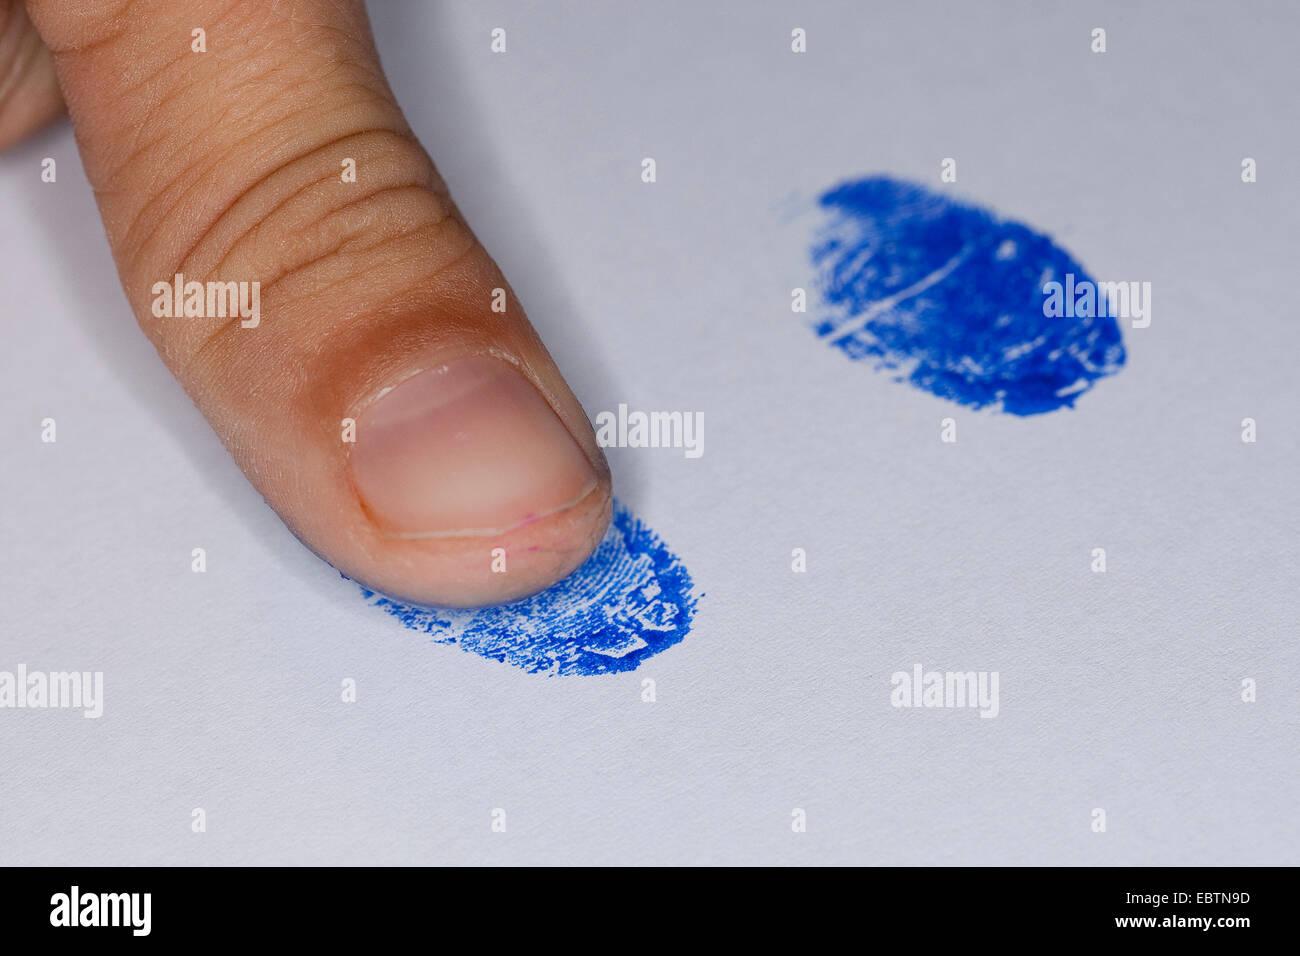 Fijo de huella dactilar con la tinta de una almohadilla de stam Imagen De Stock